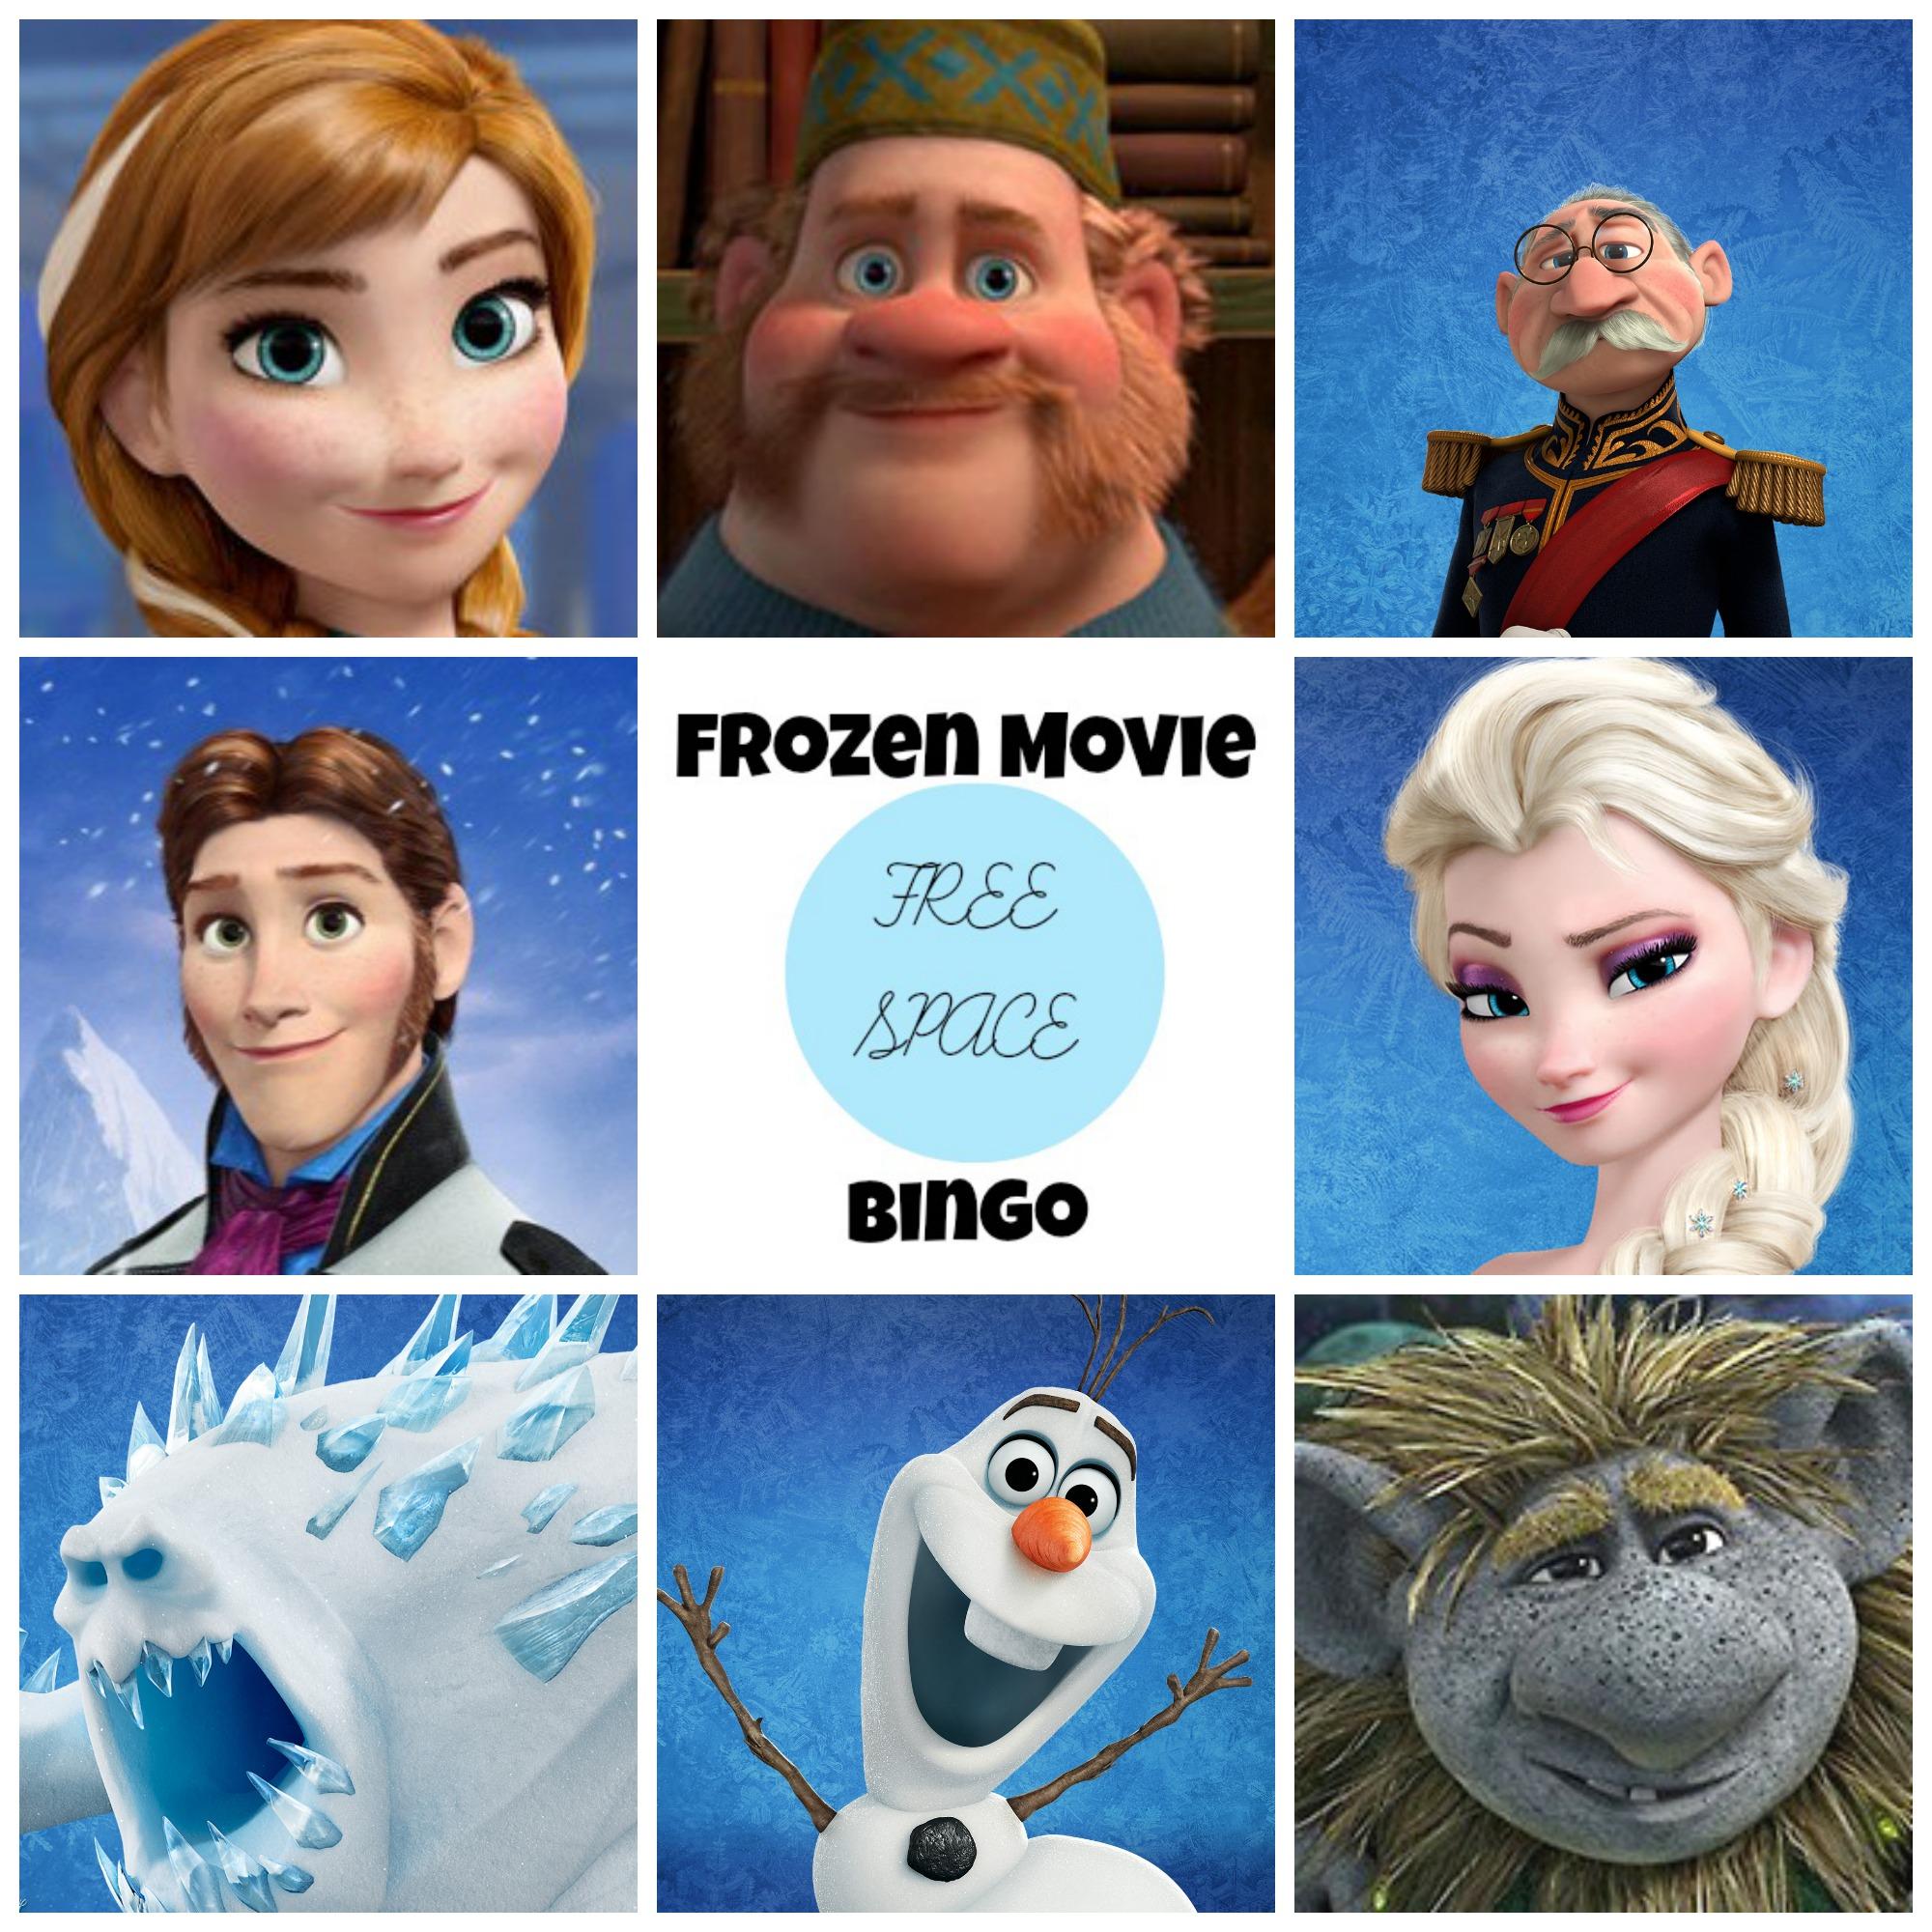 6 Images of Frozen Bingo Printable Varieties